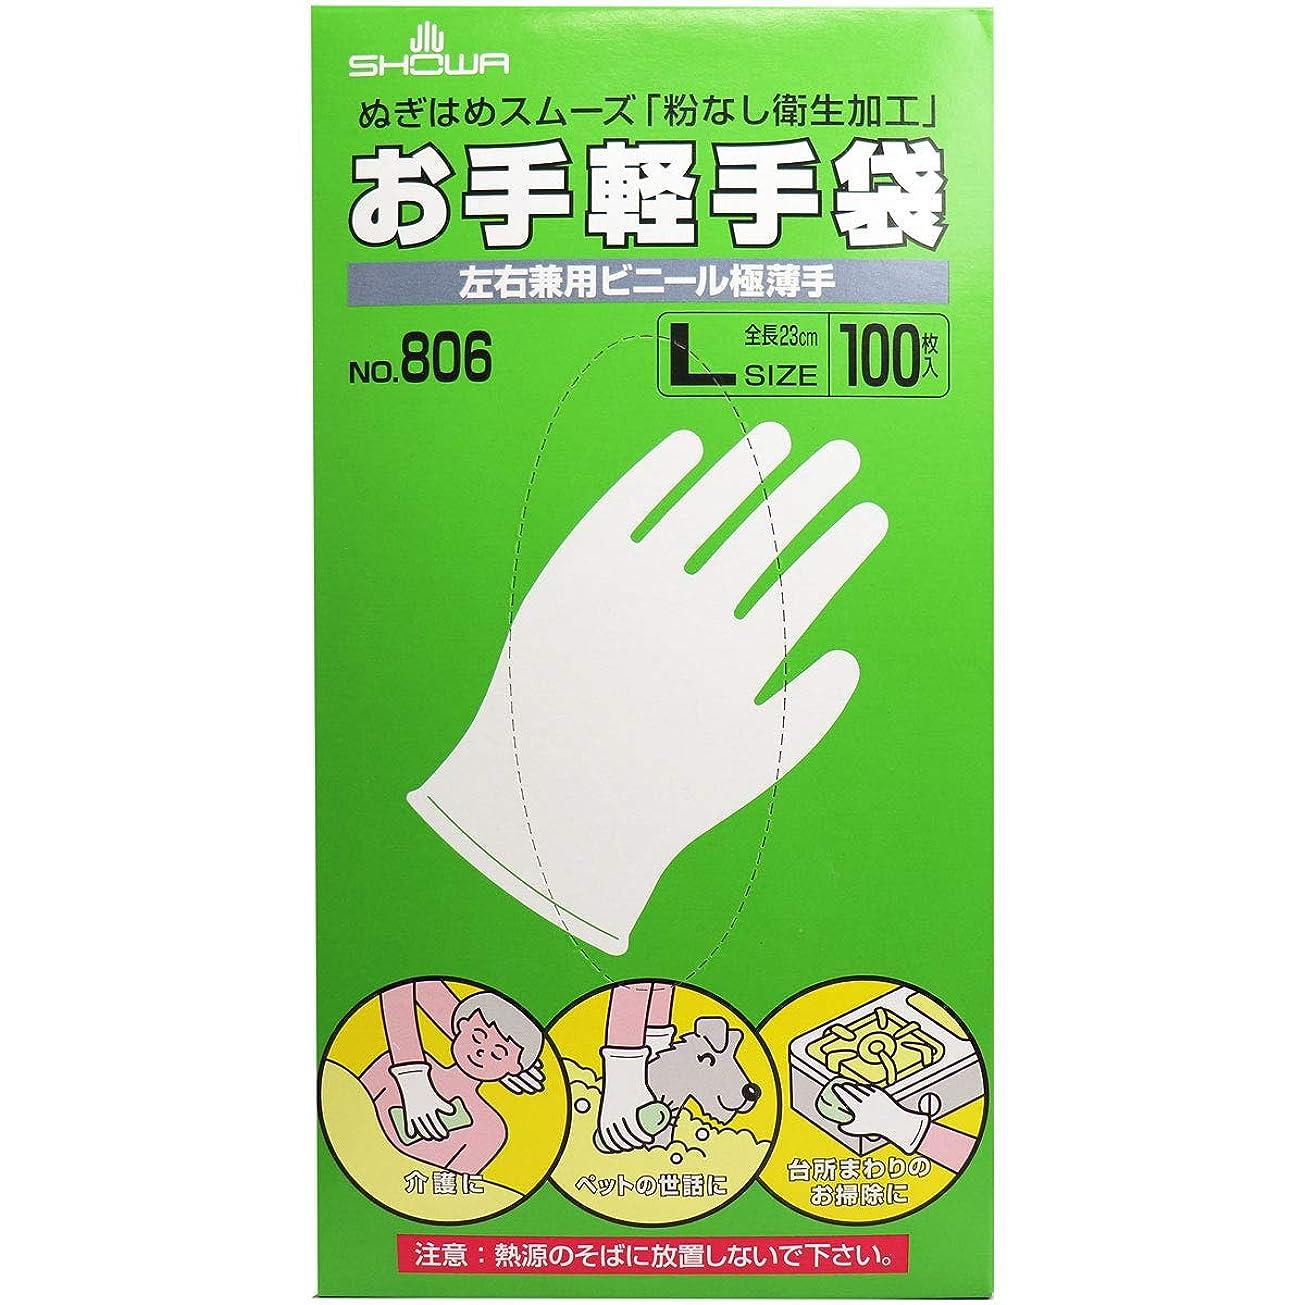 シェフめったに師匠お手軽手袋 No.806 左右兼用ビニール極薄手 粉なし Lサイズ 100枚入×5個セット